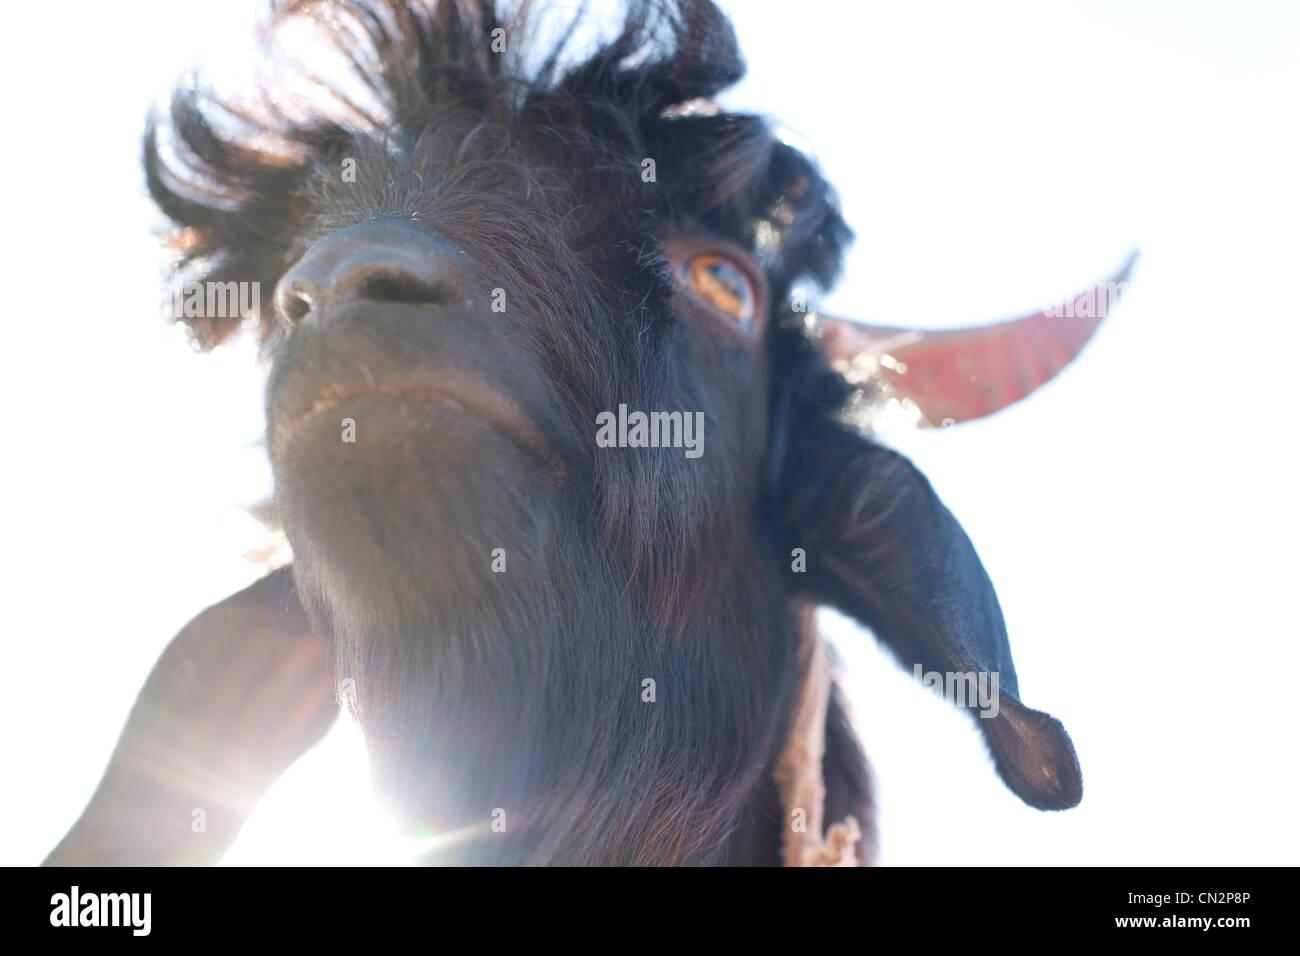 Cabeza de cabra, ángulo bajo Imagen De Stock